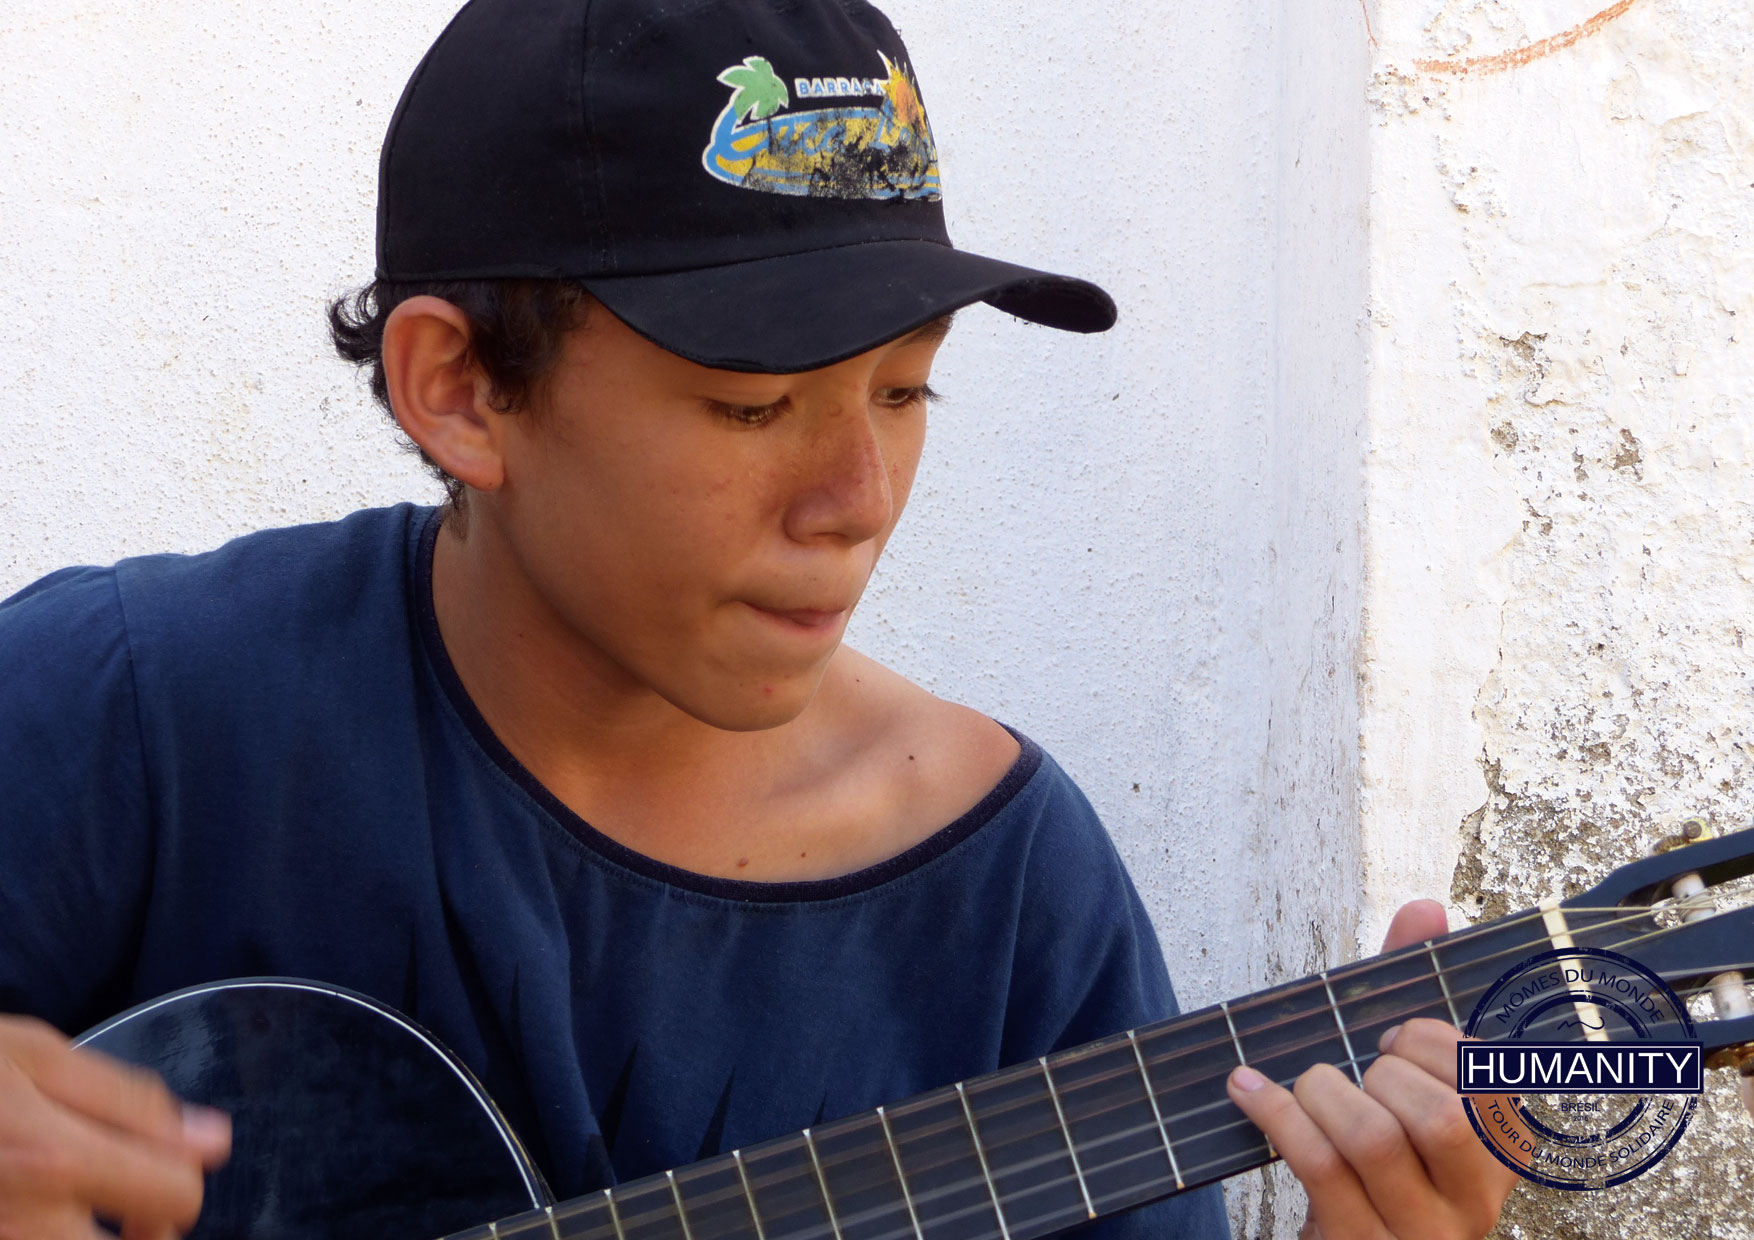 enfant guitar